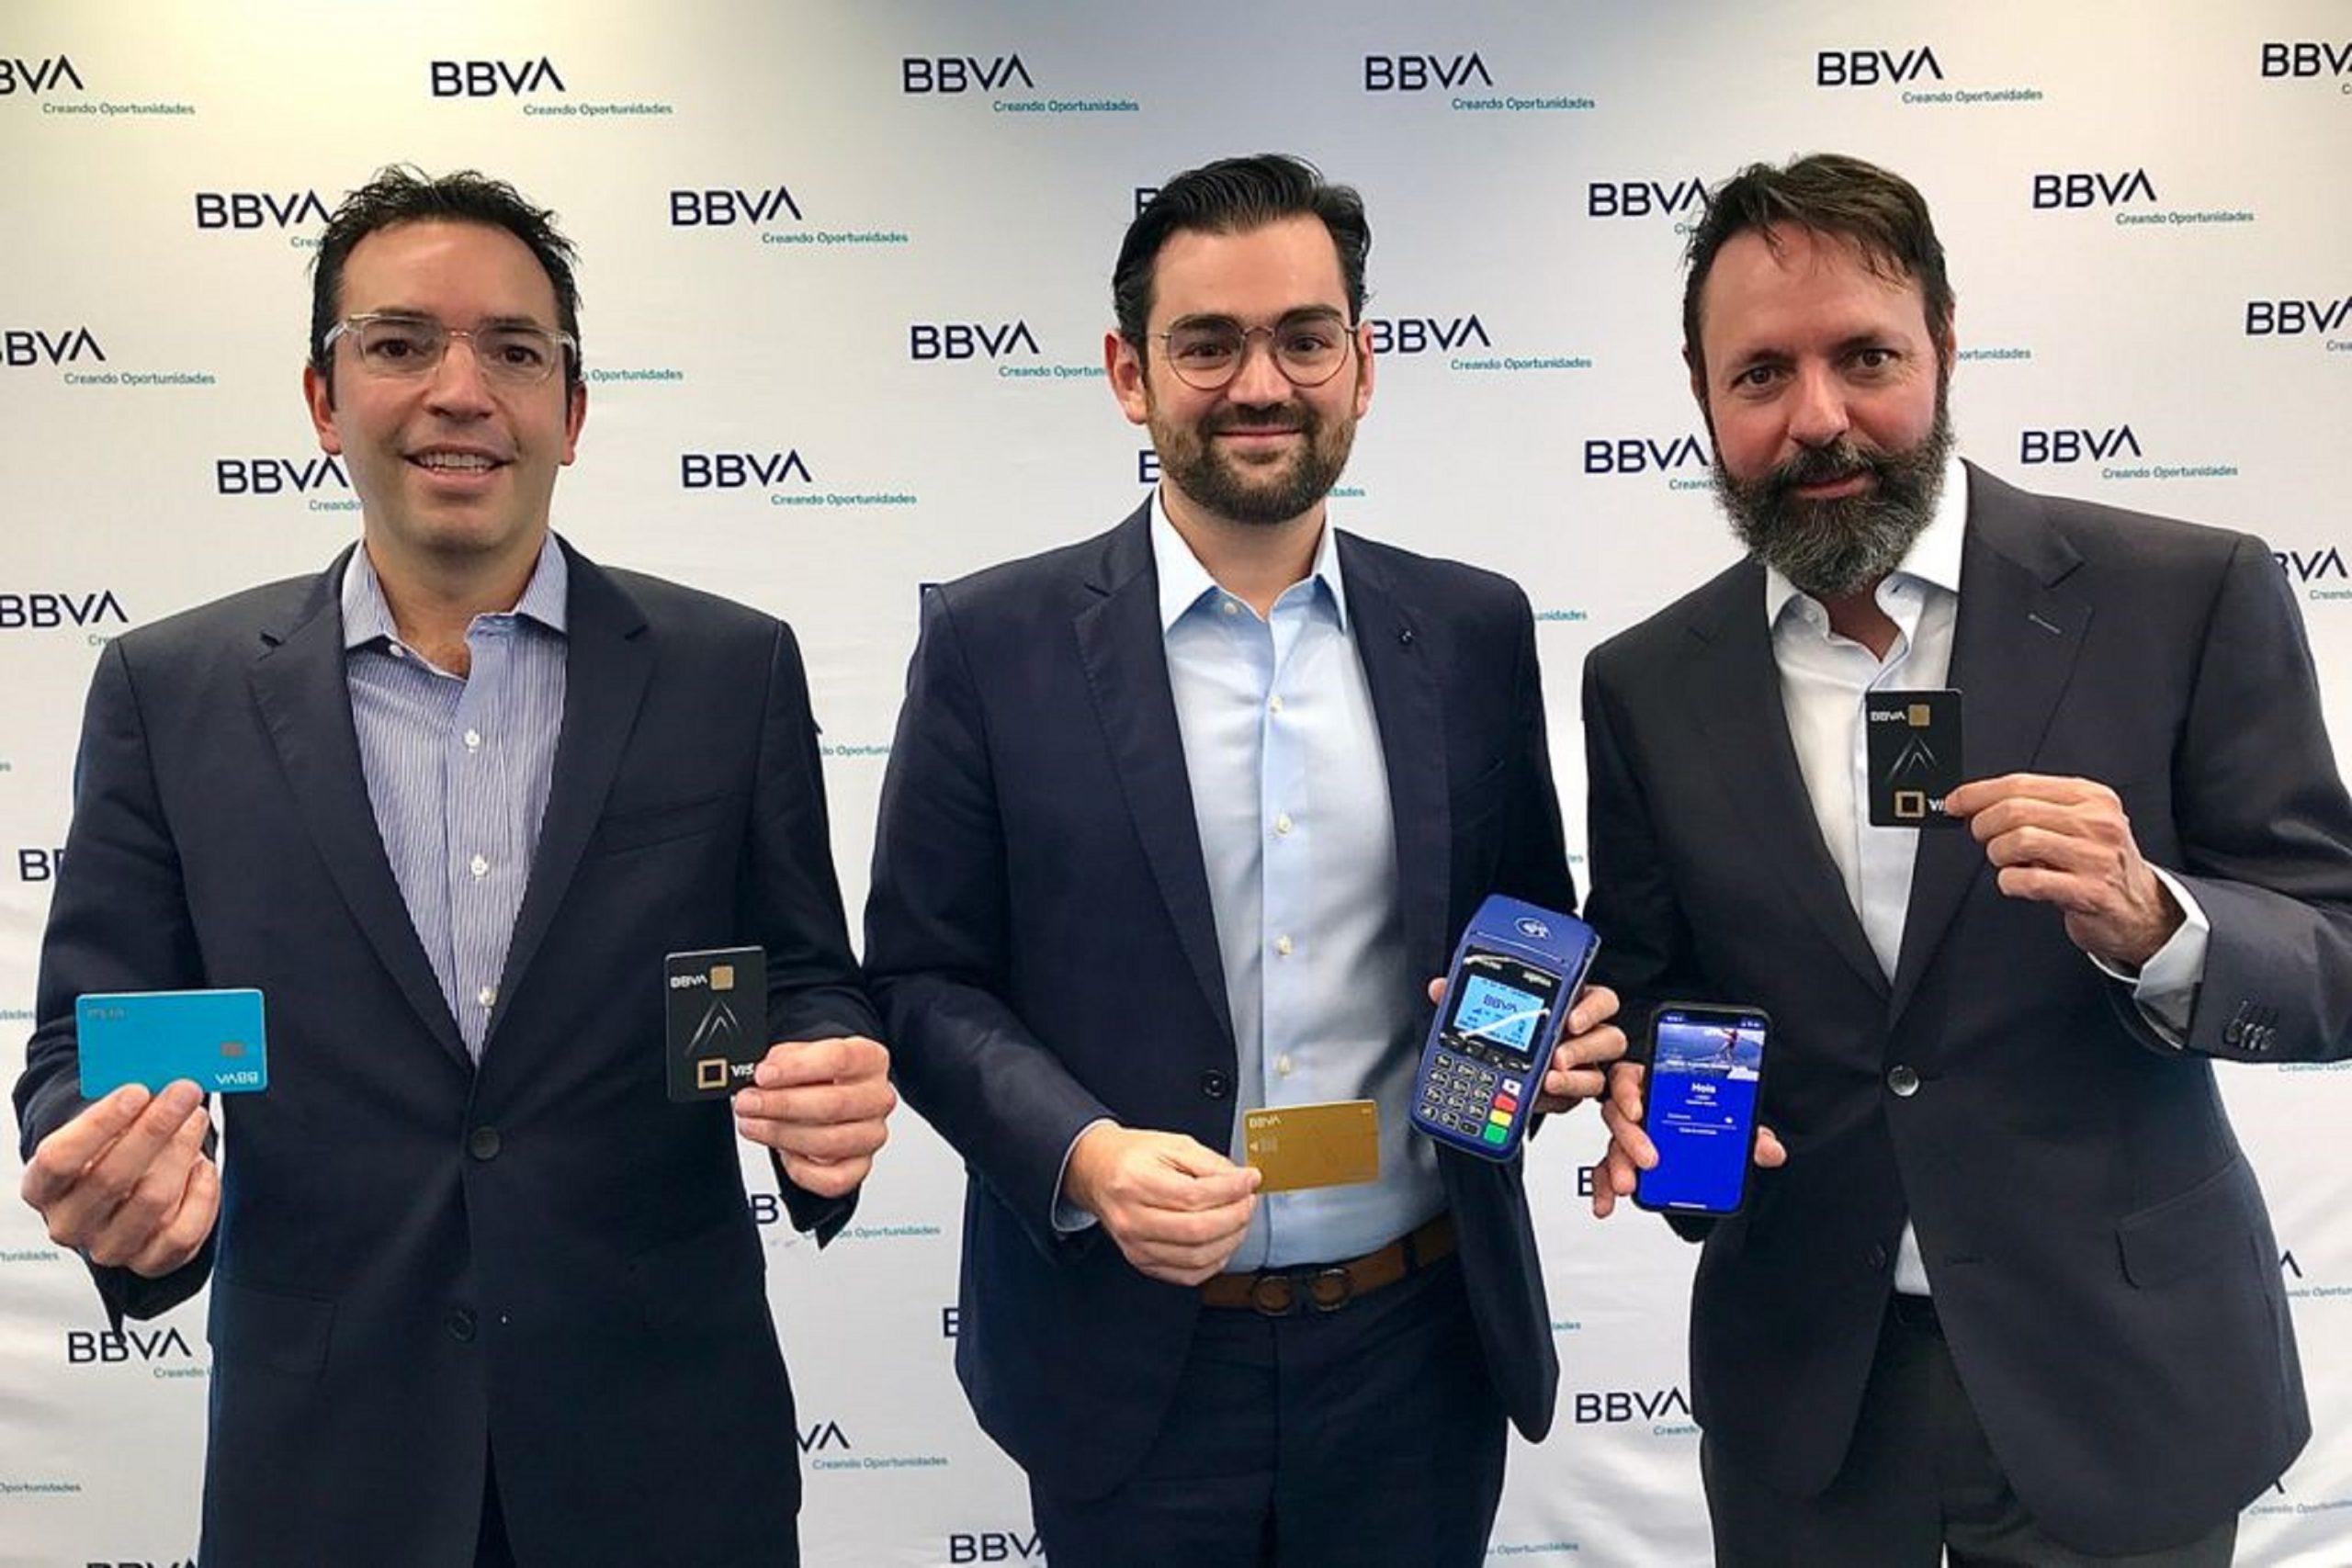 BBVA México, lanza una nueva generación de tarjetas de crédito y débito sin datos impresos, sustentables y con biometría